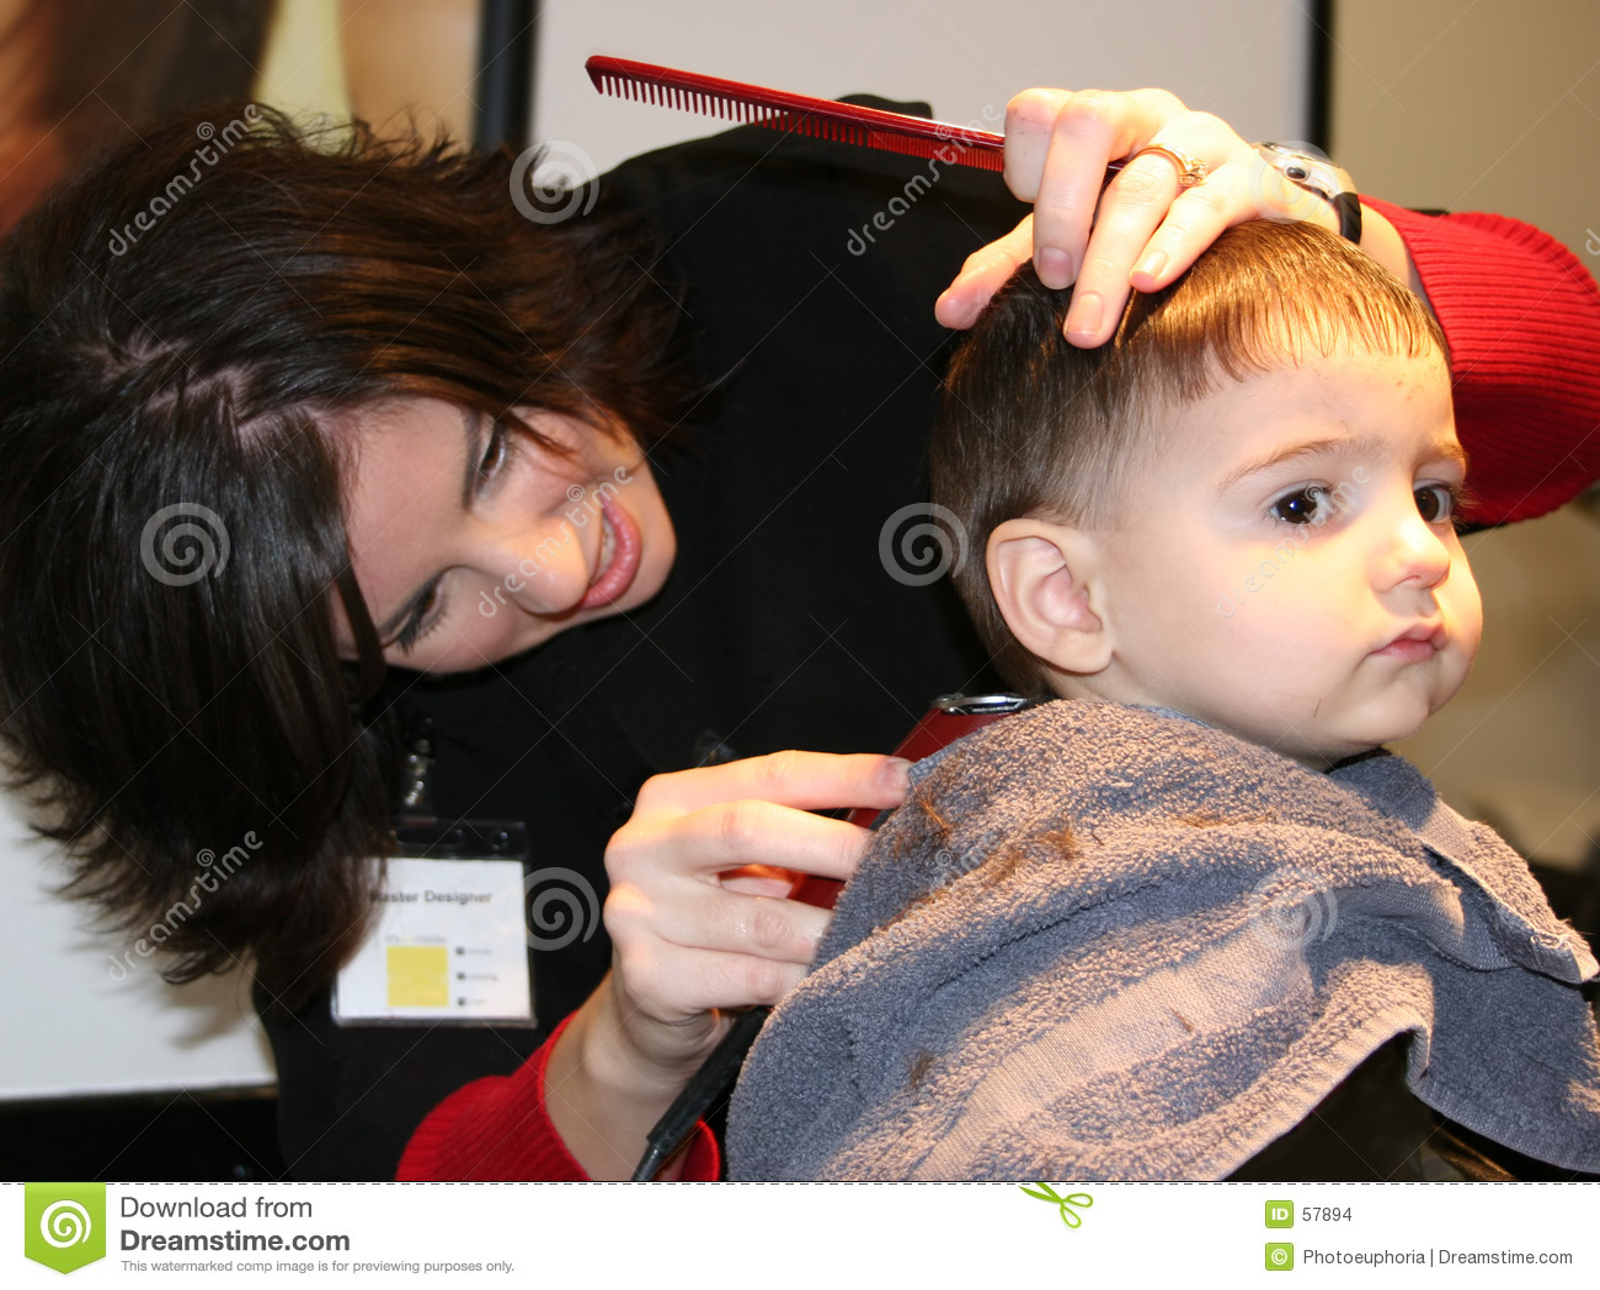 Download Première coupure de cheveu photo stock. Image du garçon - 57894